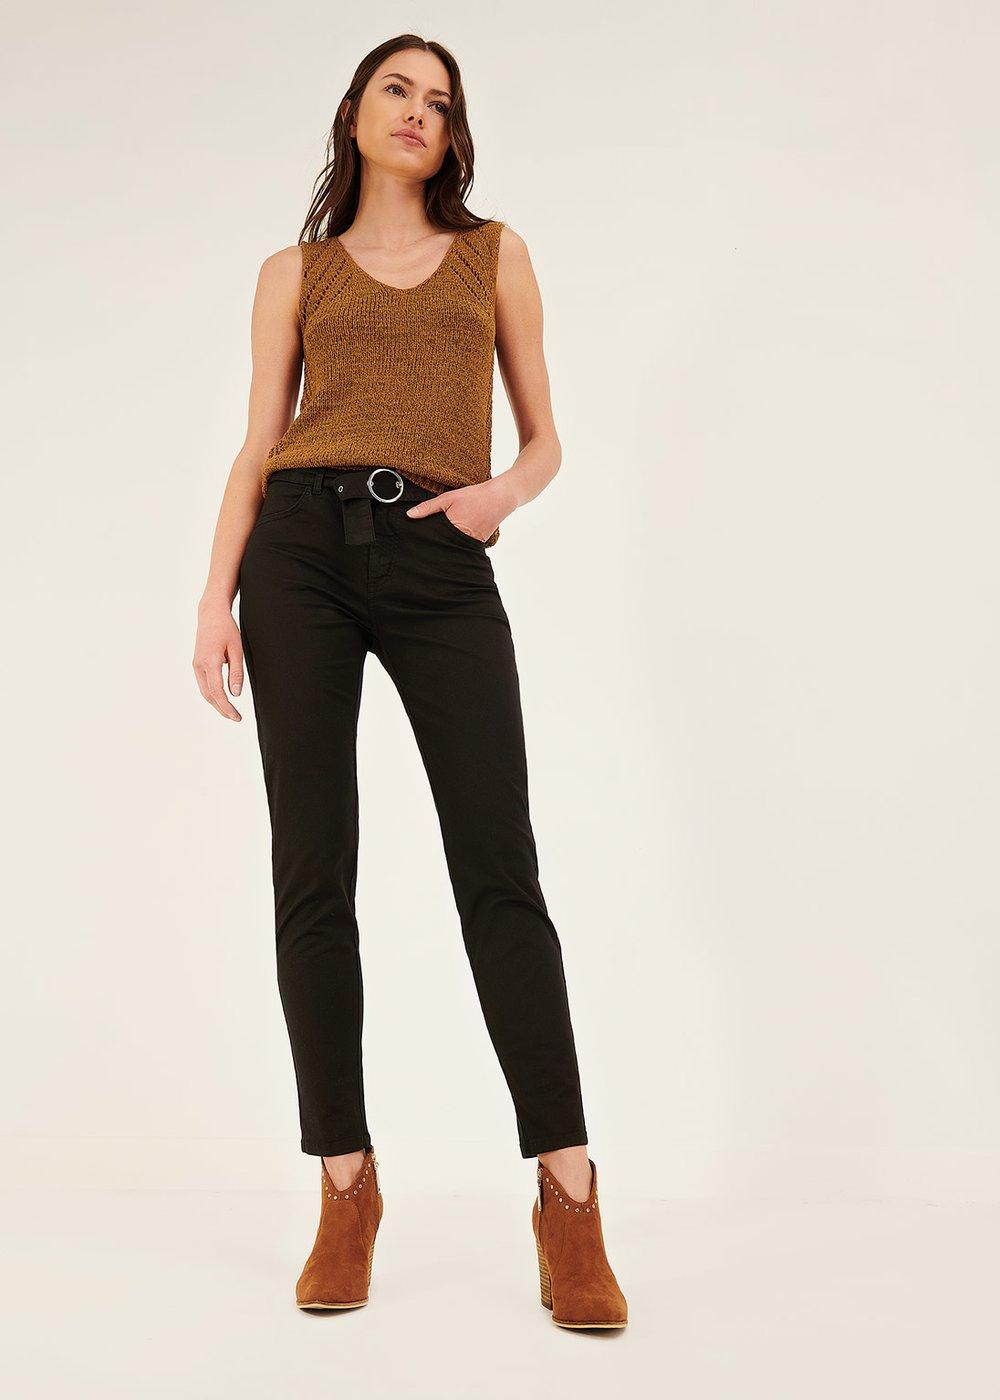 Pantalone modello Kate con cintura in tono - Black - Donna